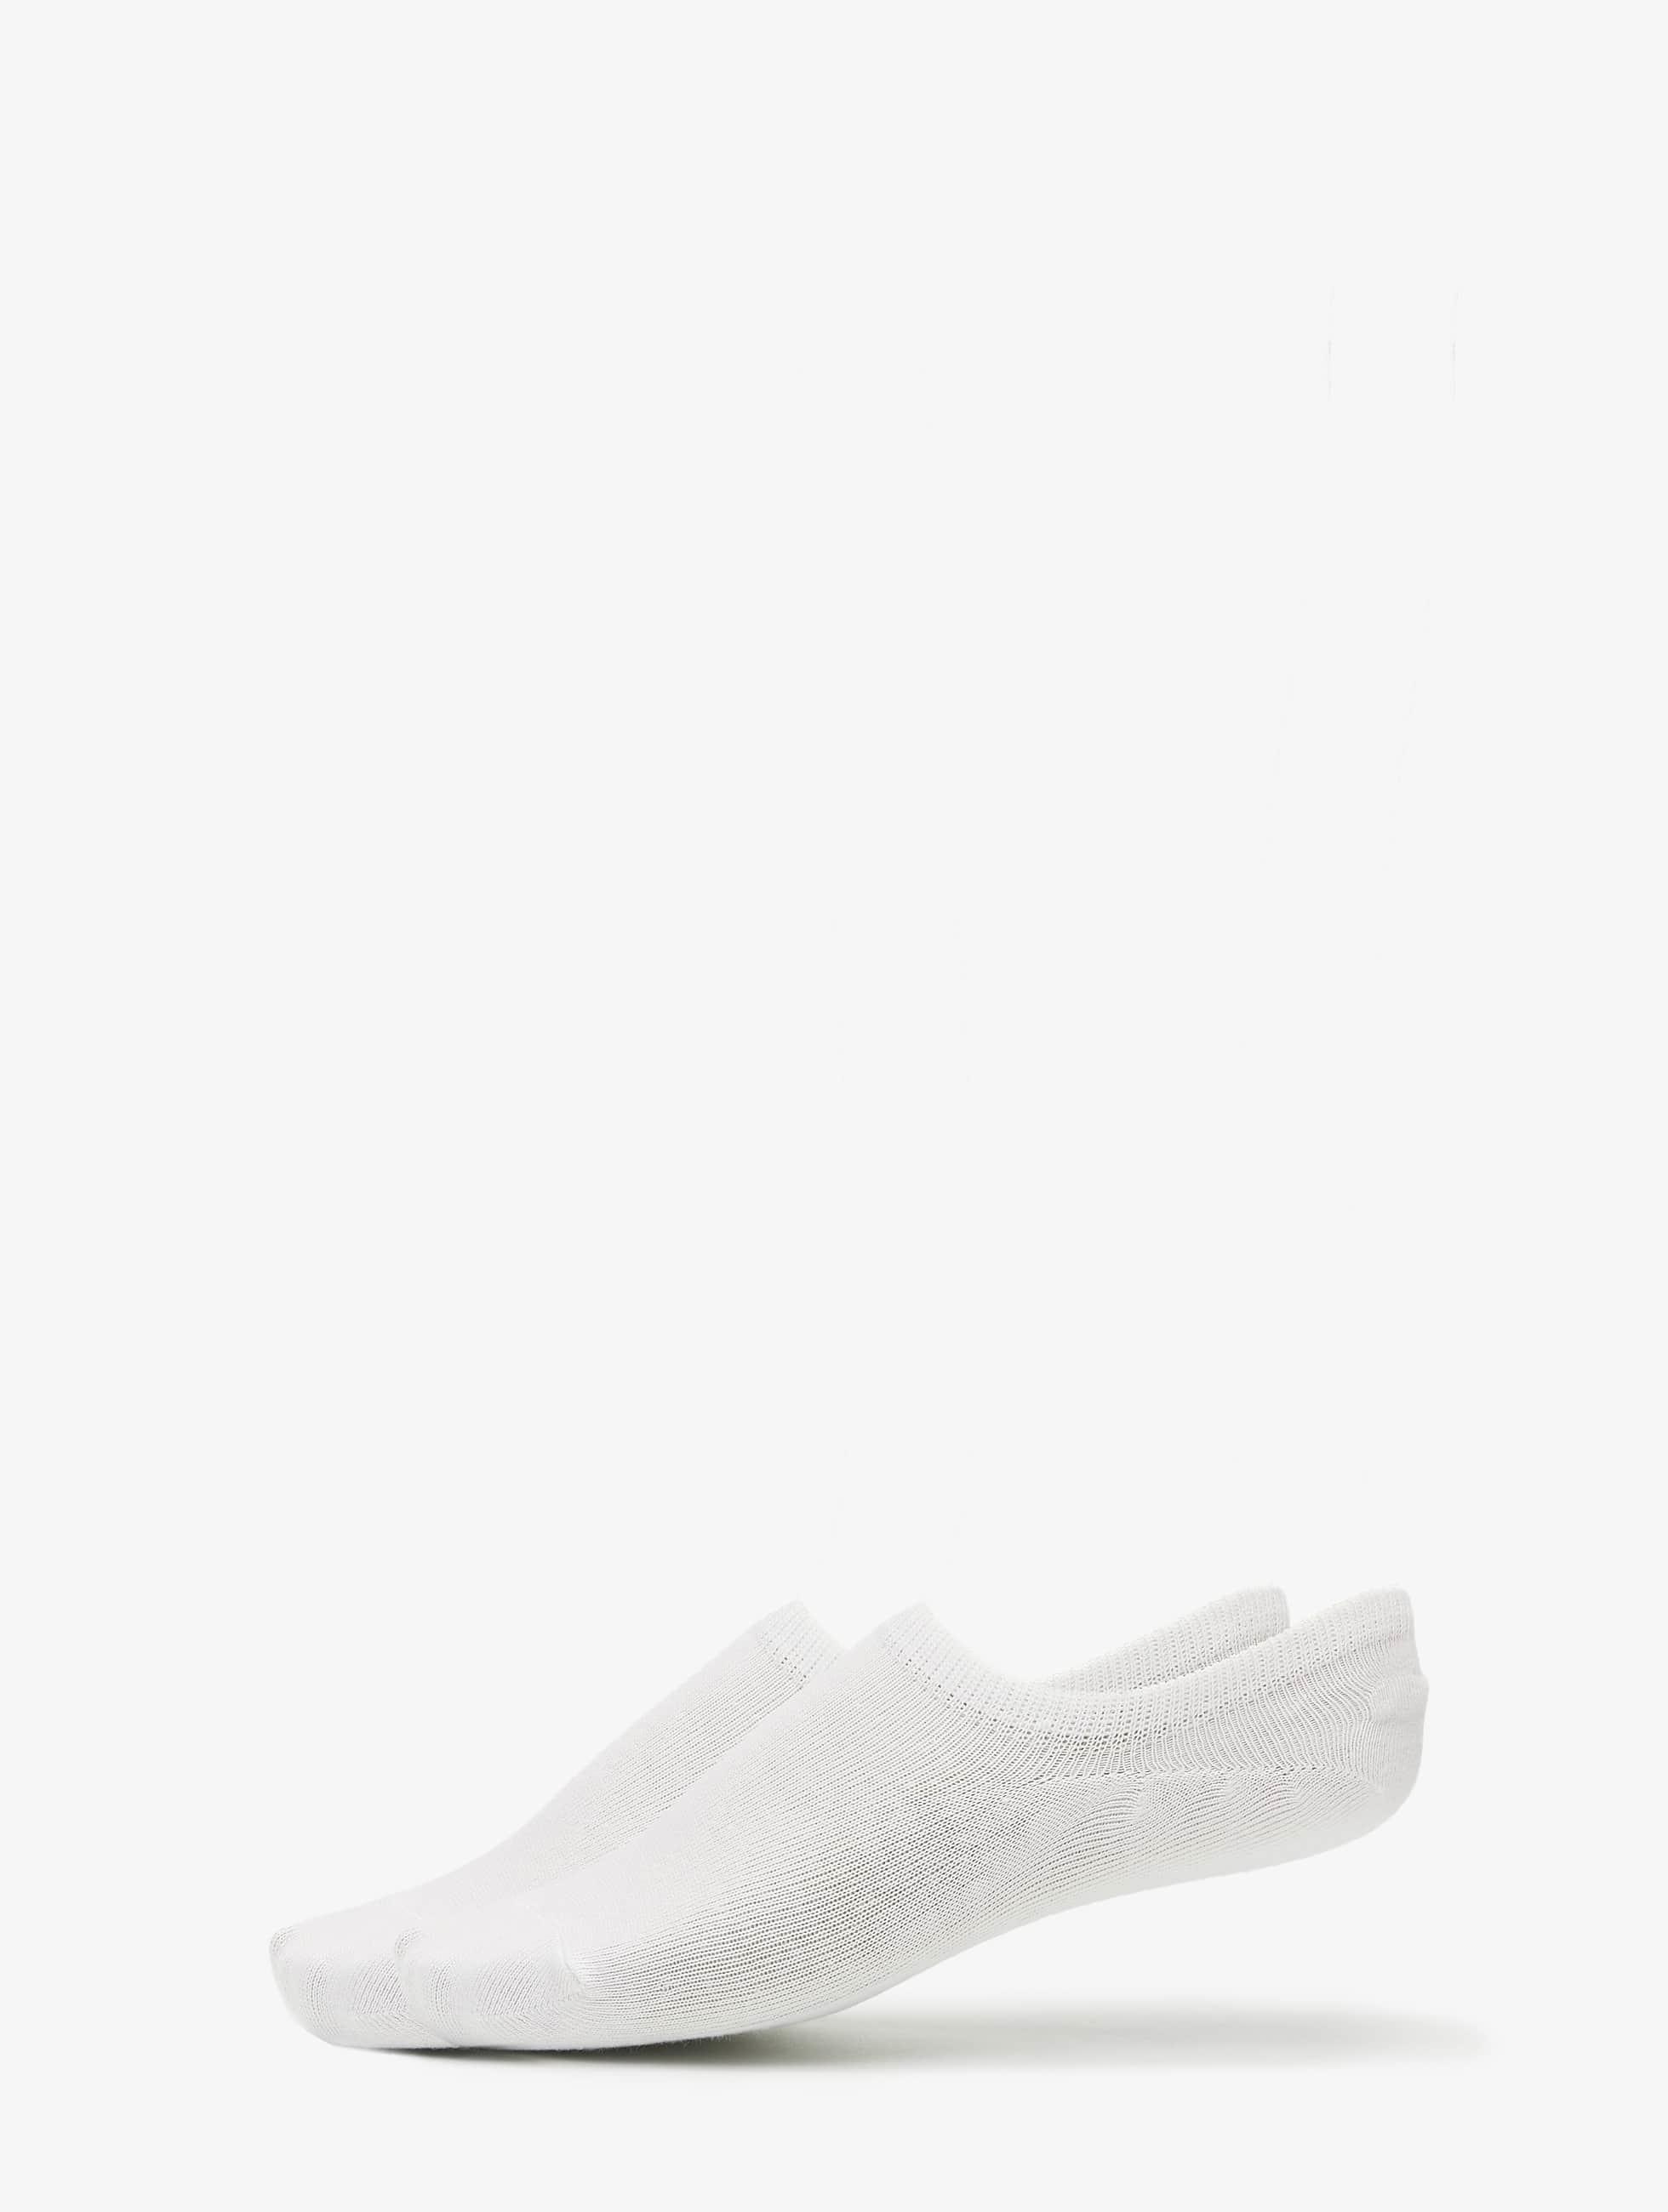 Pieces Chaussettes pcTess 2 Pack Sneaker blanc